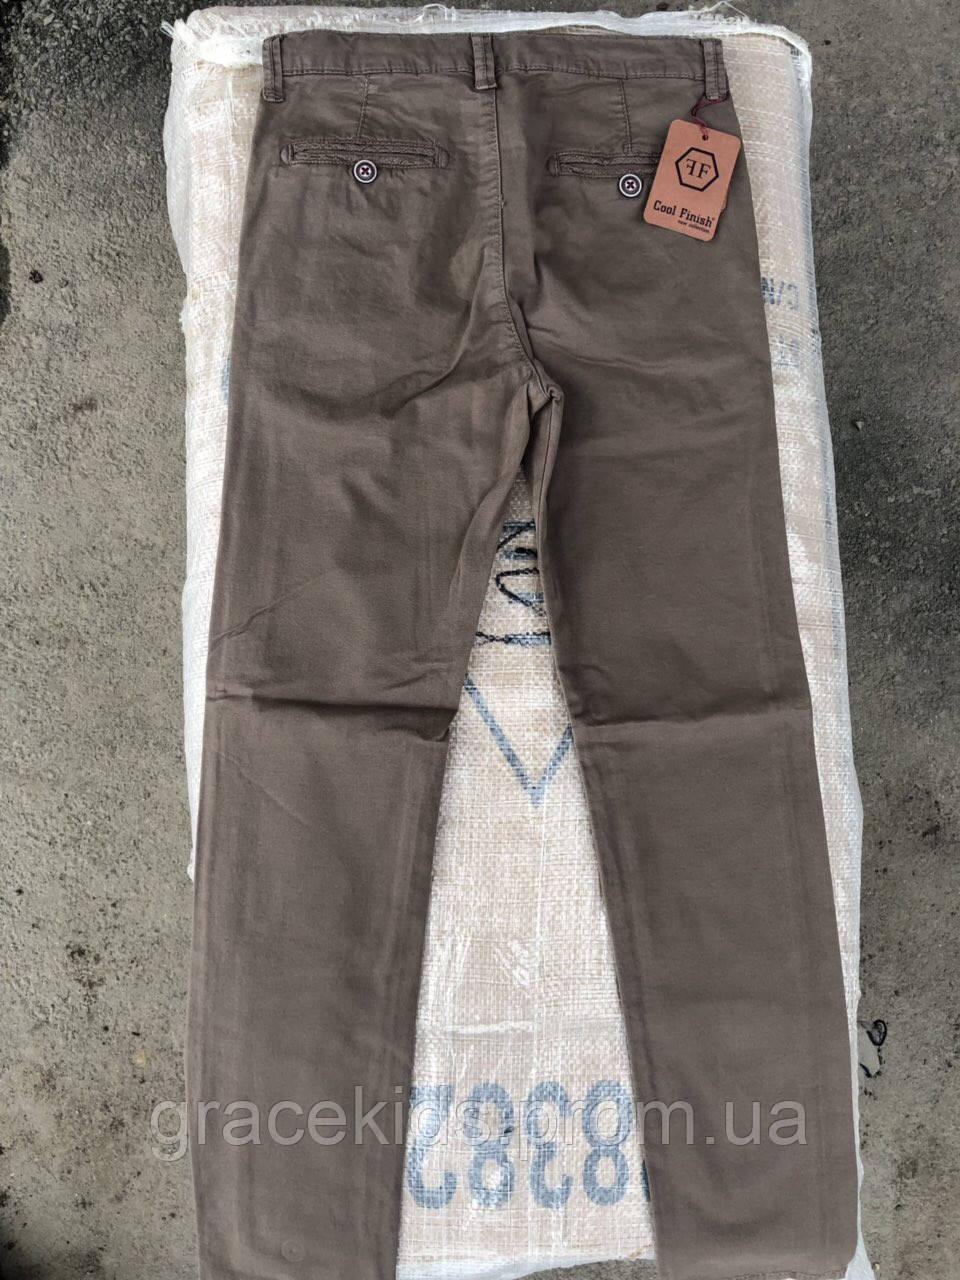 Нарядные котоновые брюки для мальчиков подростковые Cool Finish,разм 11-15 лет